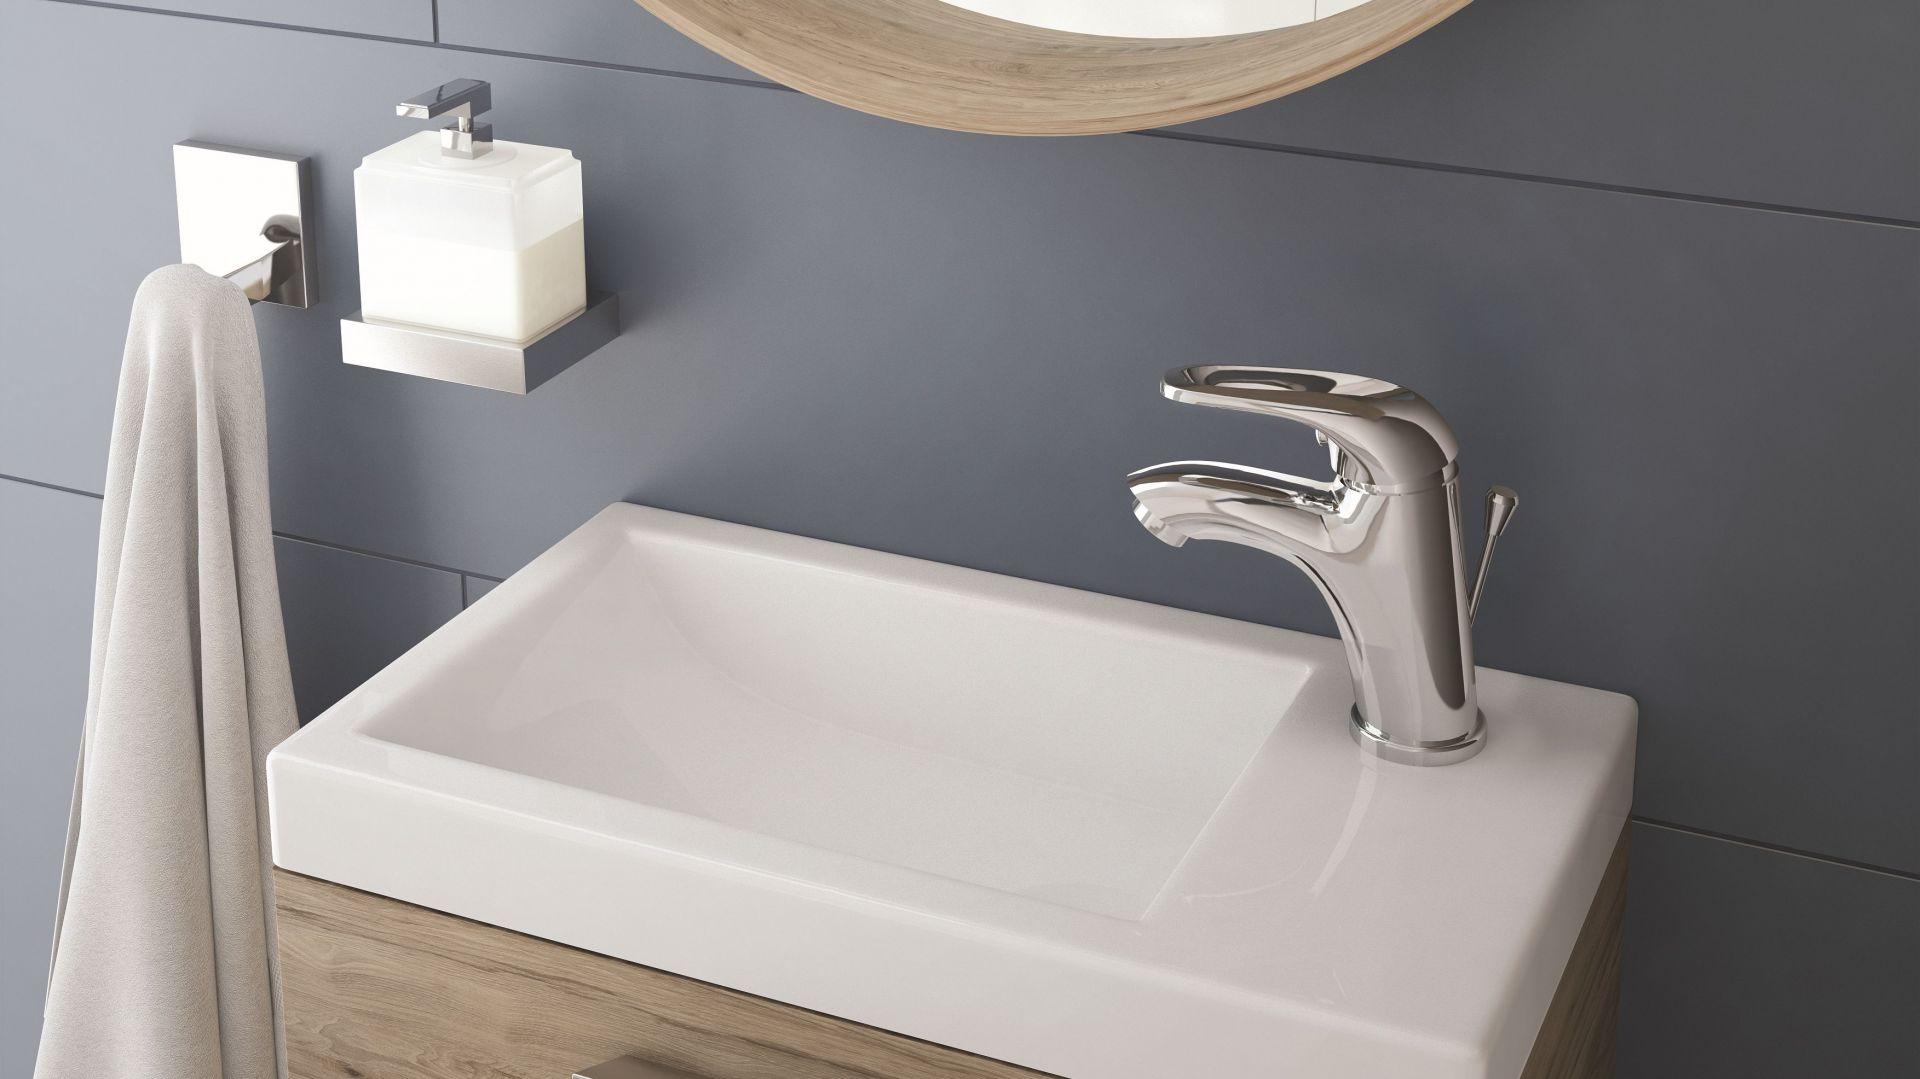 Mała łazienka 10 Propozycji Wyposażenia Strefy Wc